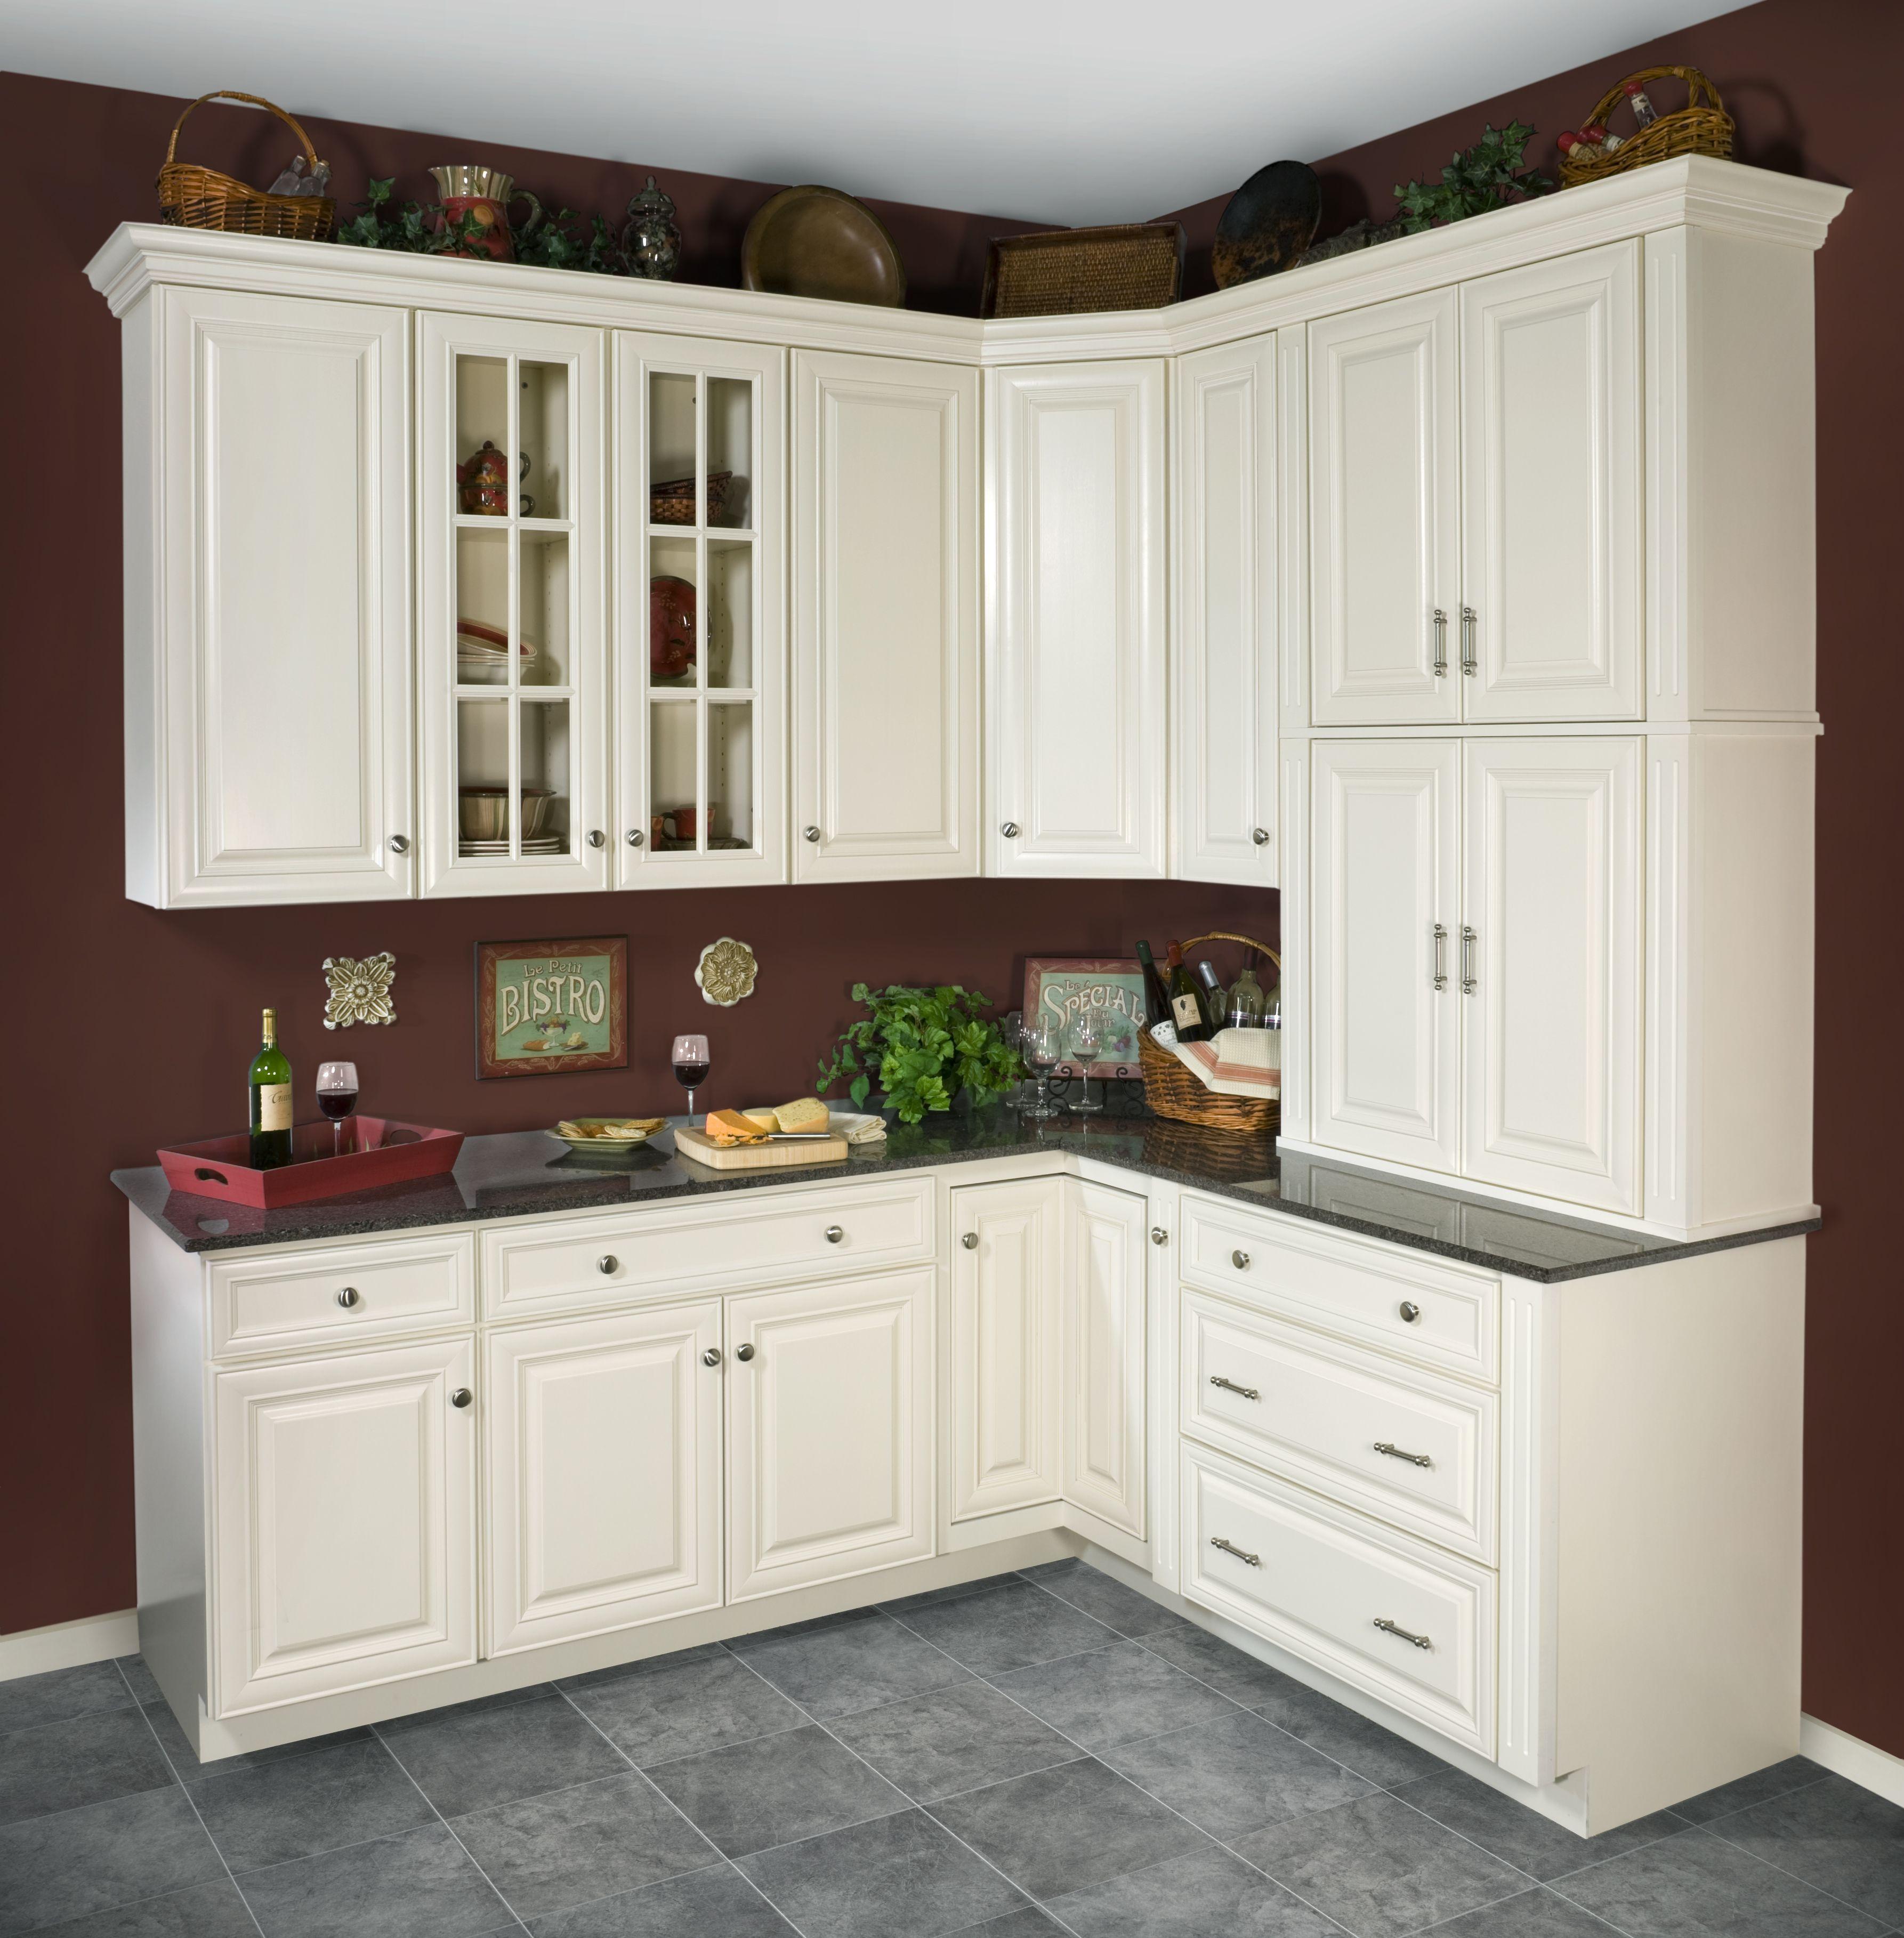 Wolf Kitchen Cabinets Best Kitchen Gallery | Rachelxblog kitchen ...